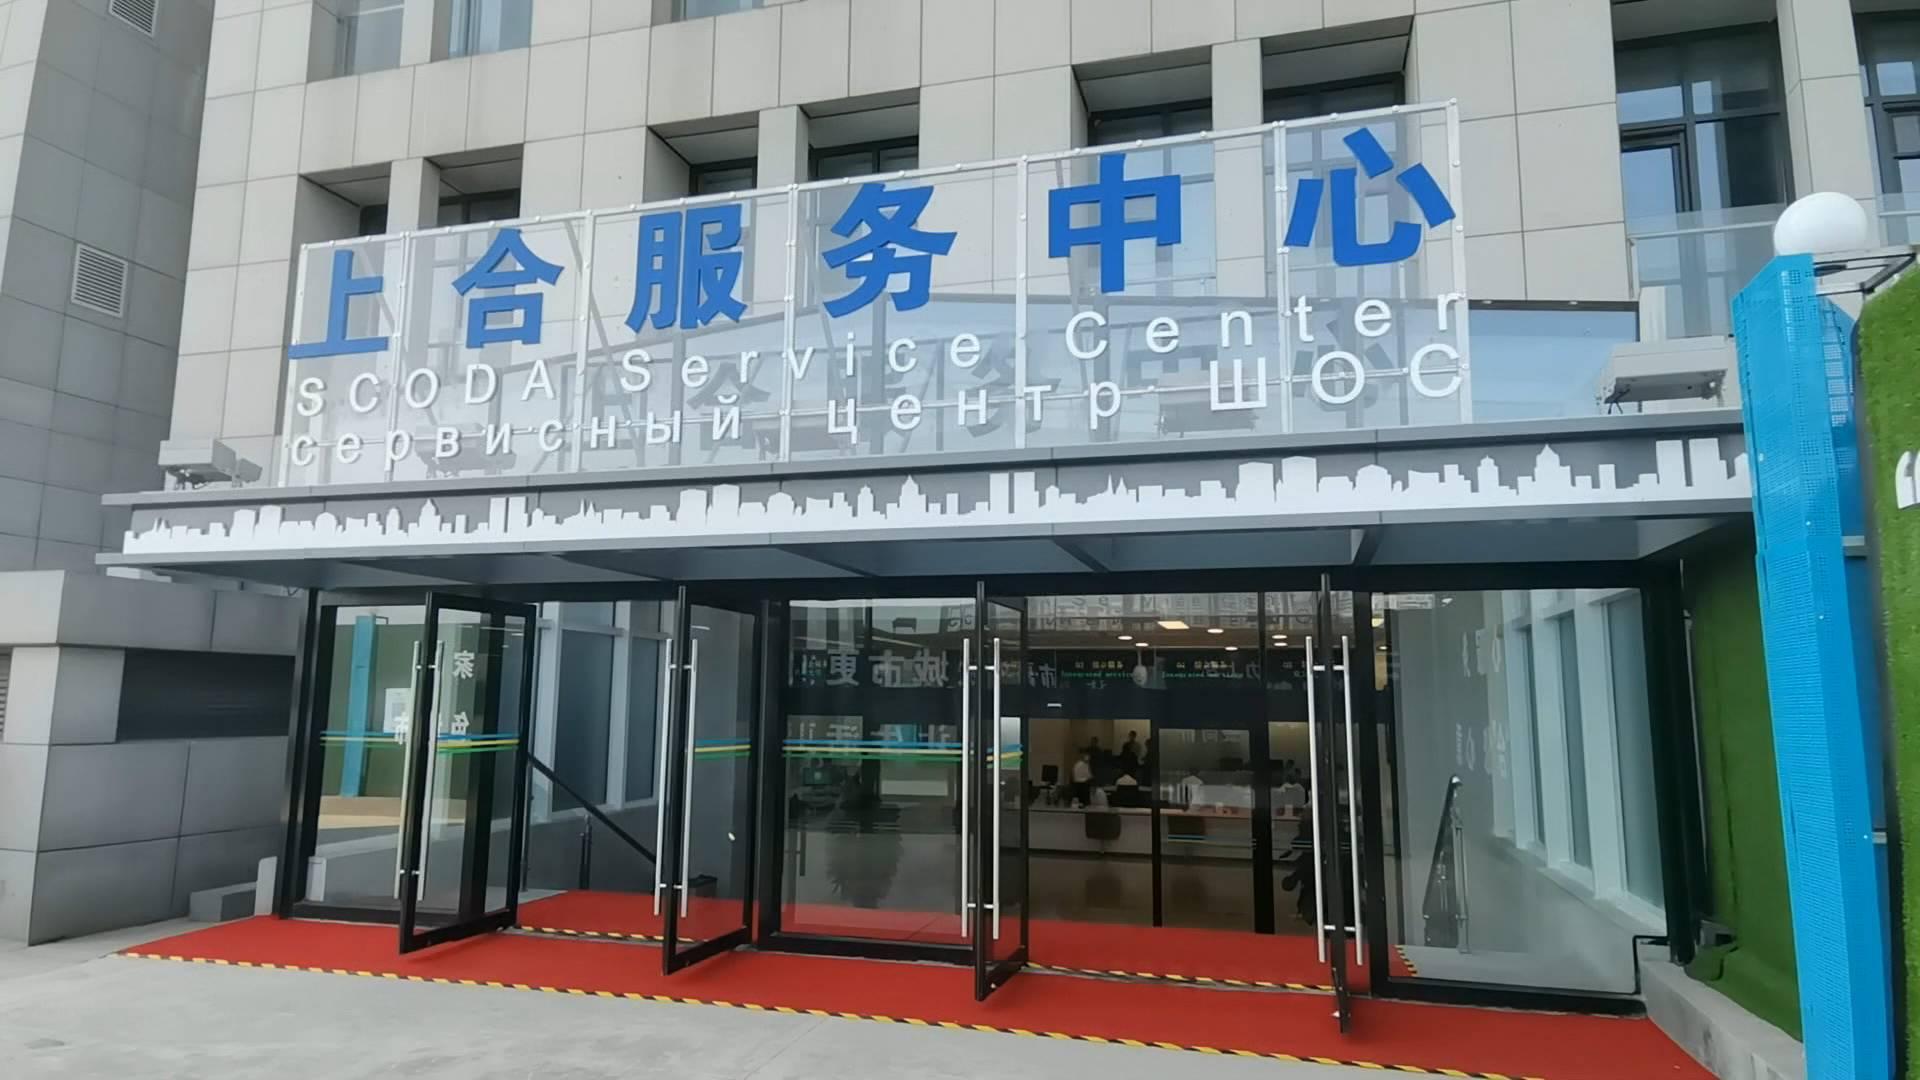 打造一流营商环境!上合示范区市民服务中心正式启用